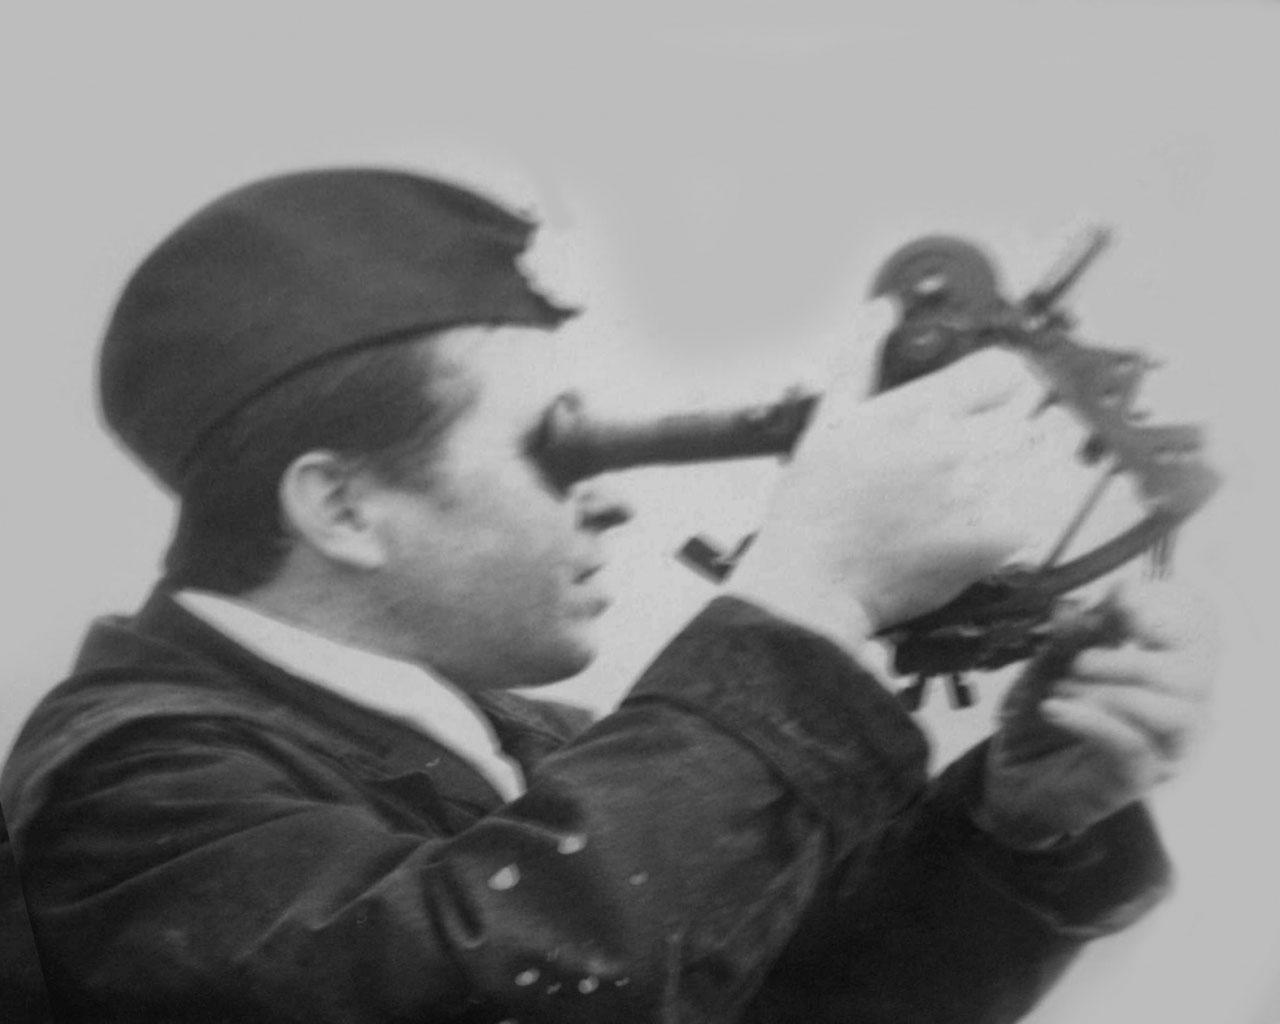 Командир С-365 капитан 2 ранга Холмовой. На С-365 он пришел командиром в 1975 году вместо капитана 2 ранга Жамалтдинова